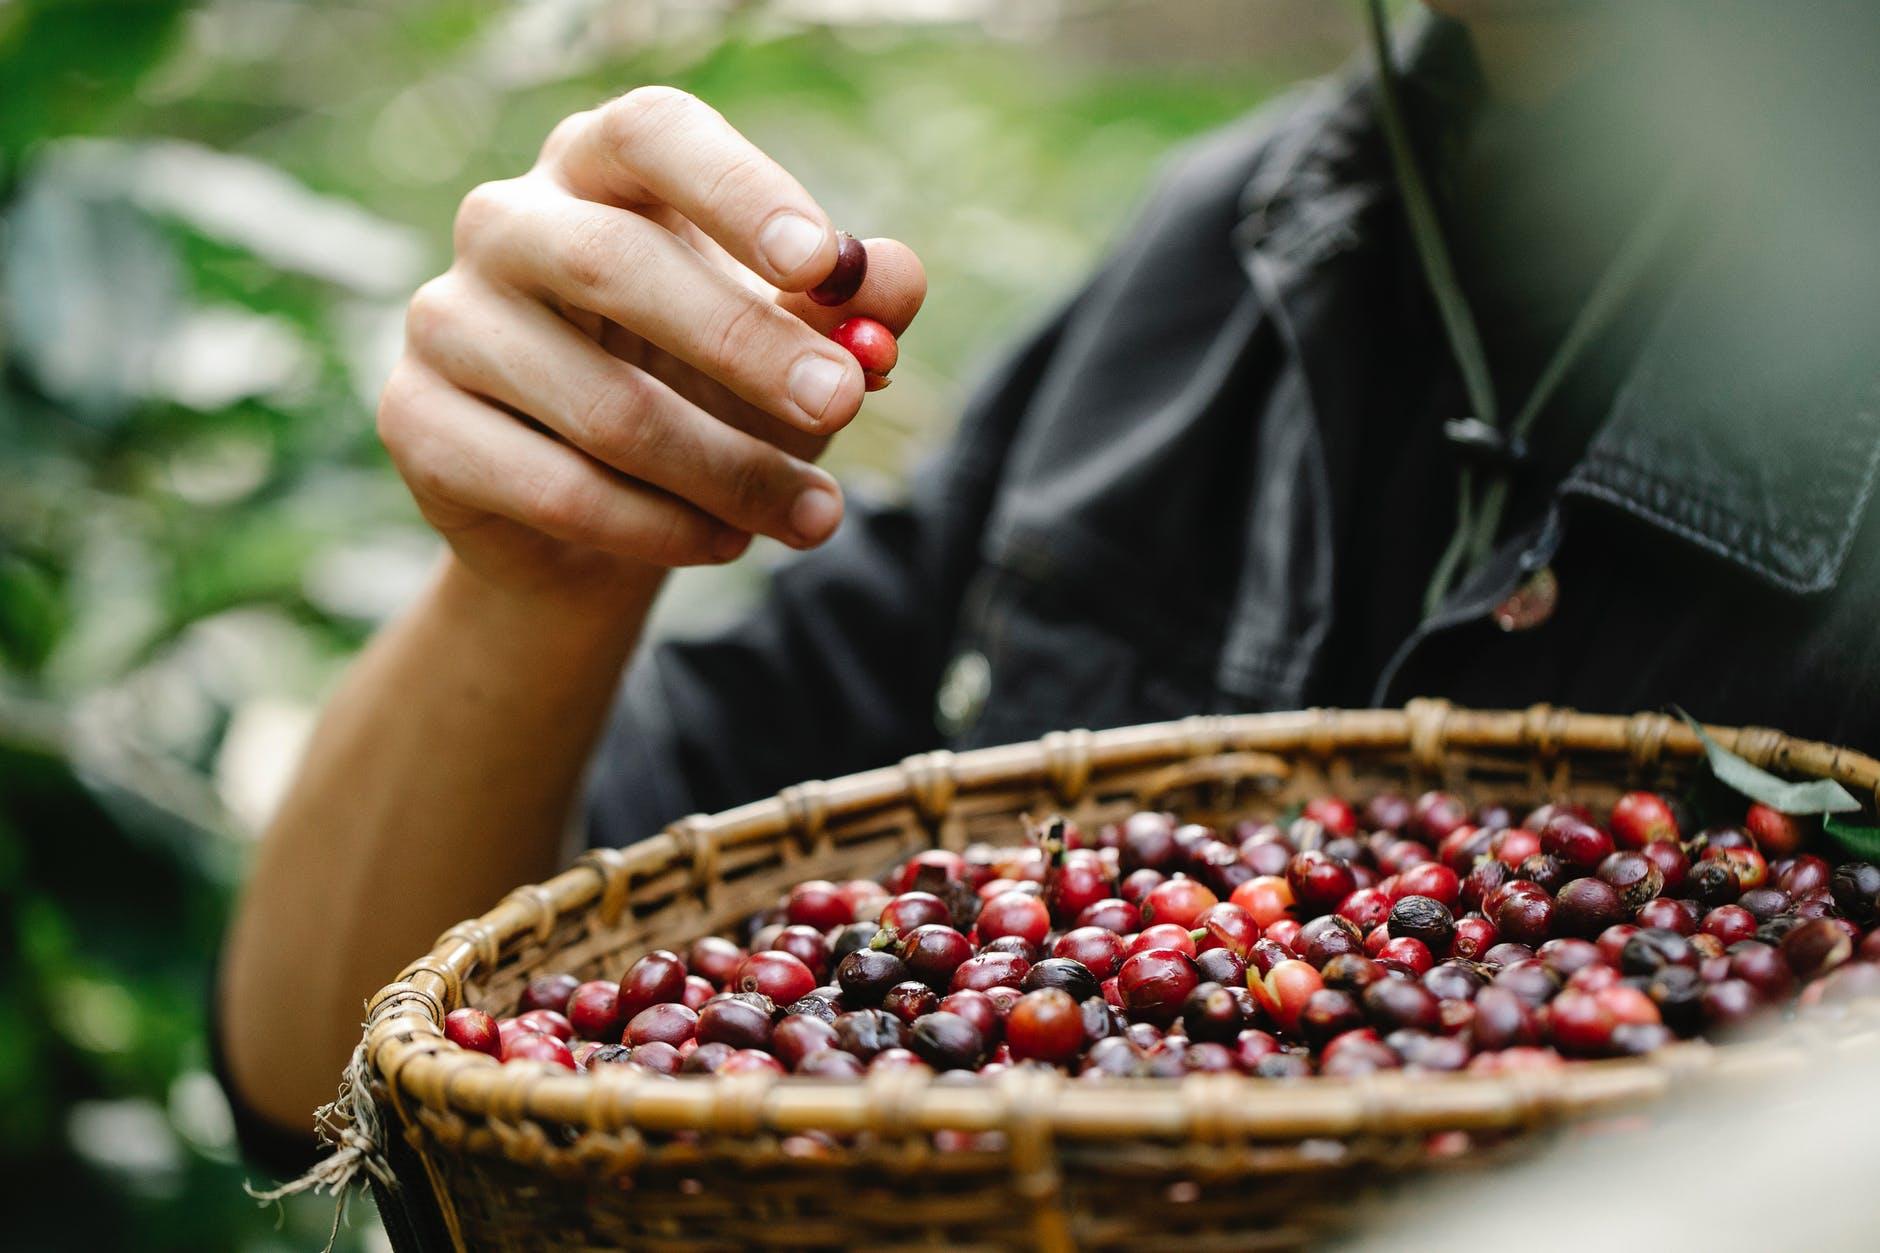 crop man eating picked berries in garden